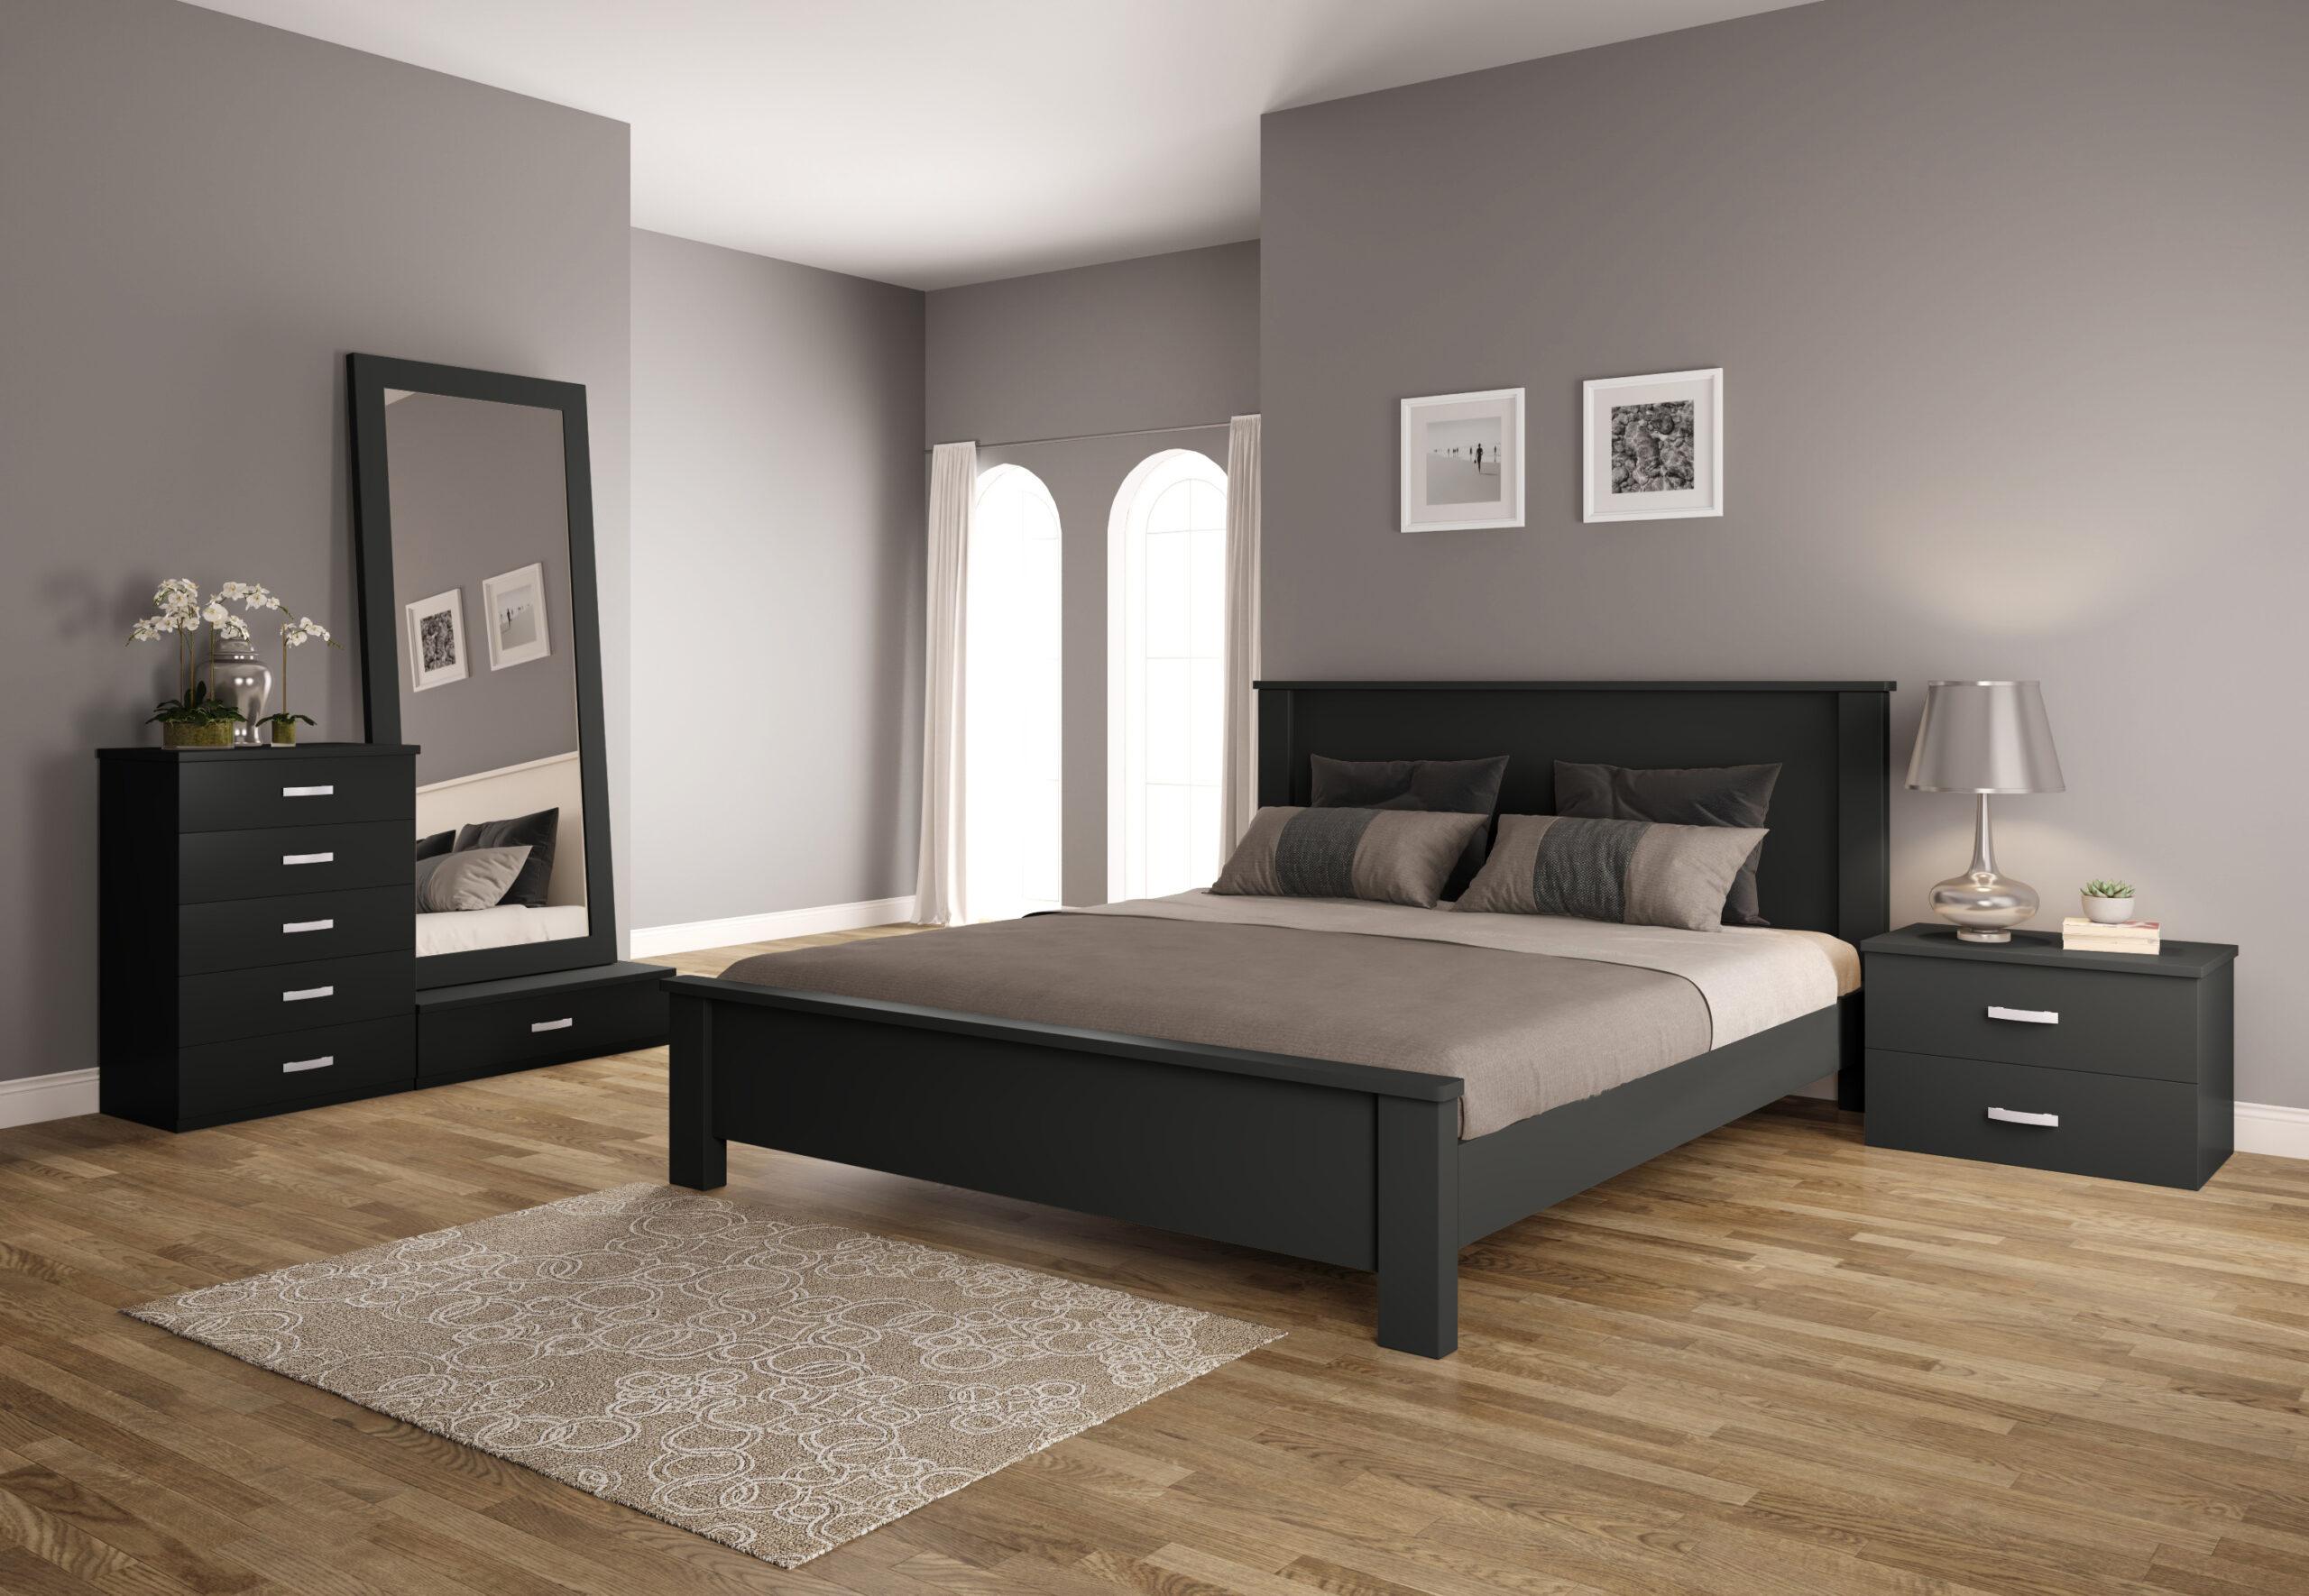 חדר שינה סהר